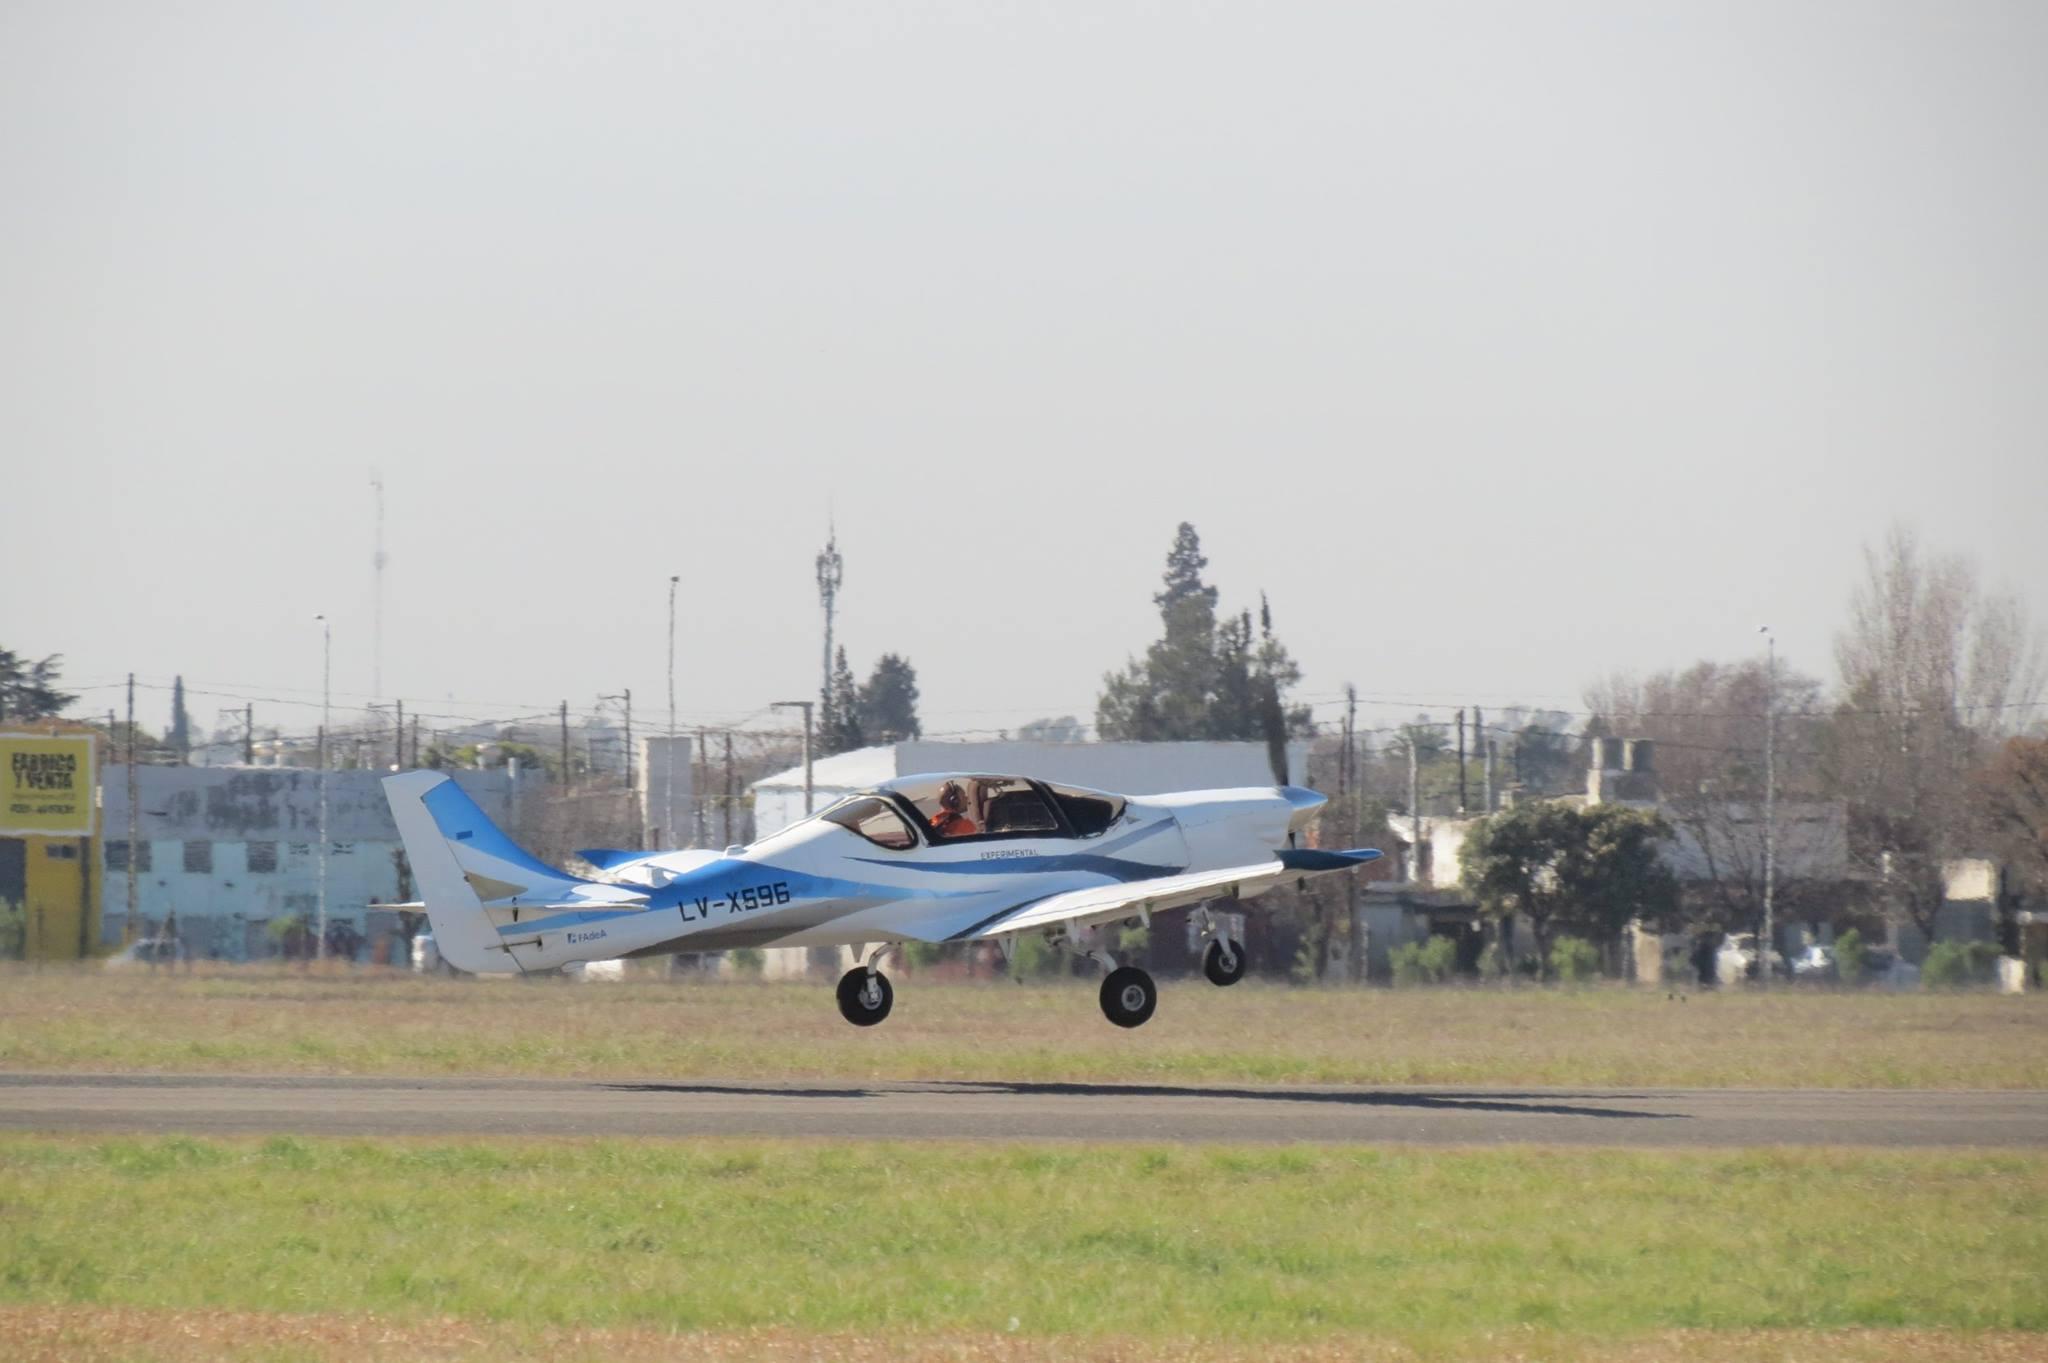 Первый полет нового аргентинского учебно-тренировочного самолета IA-100